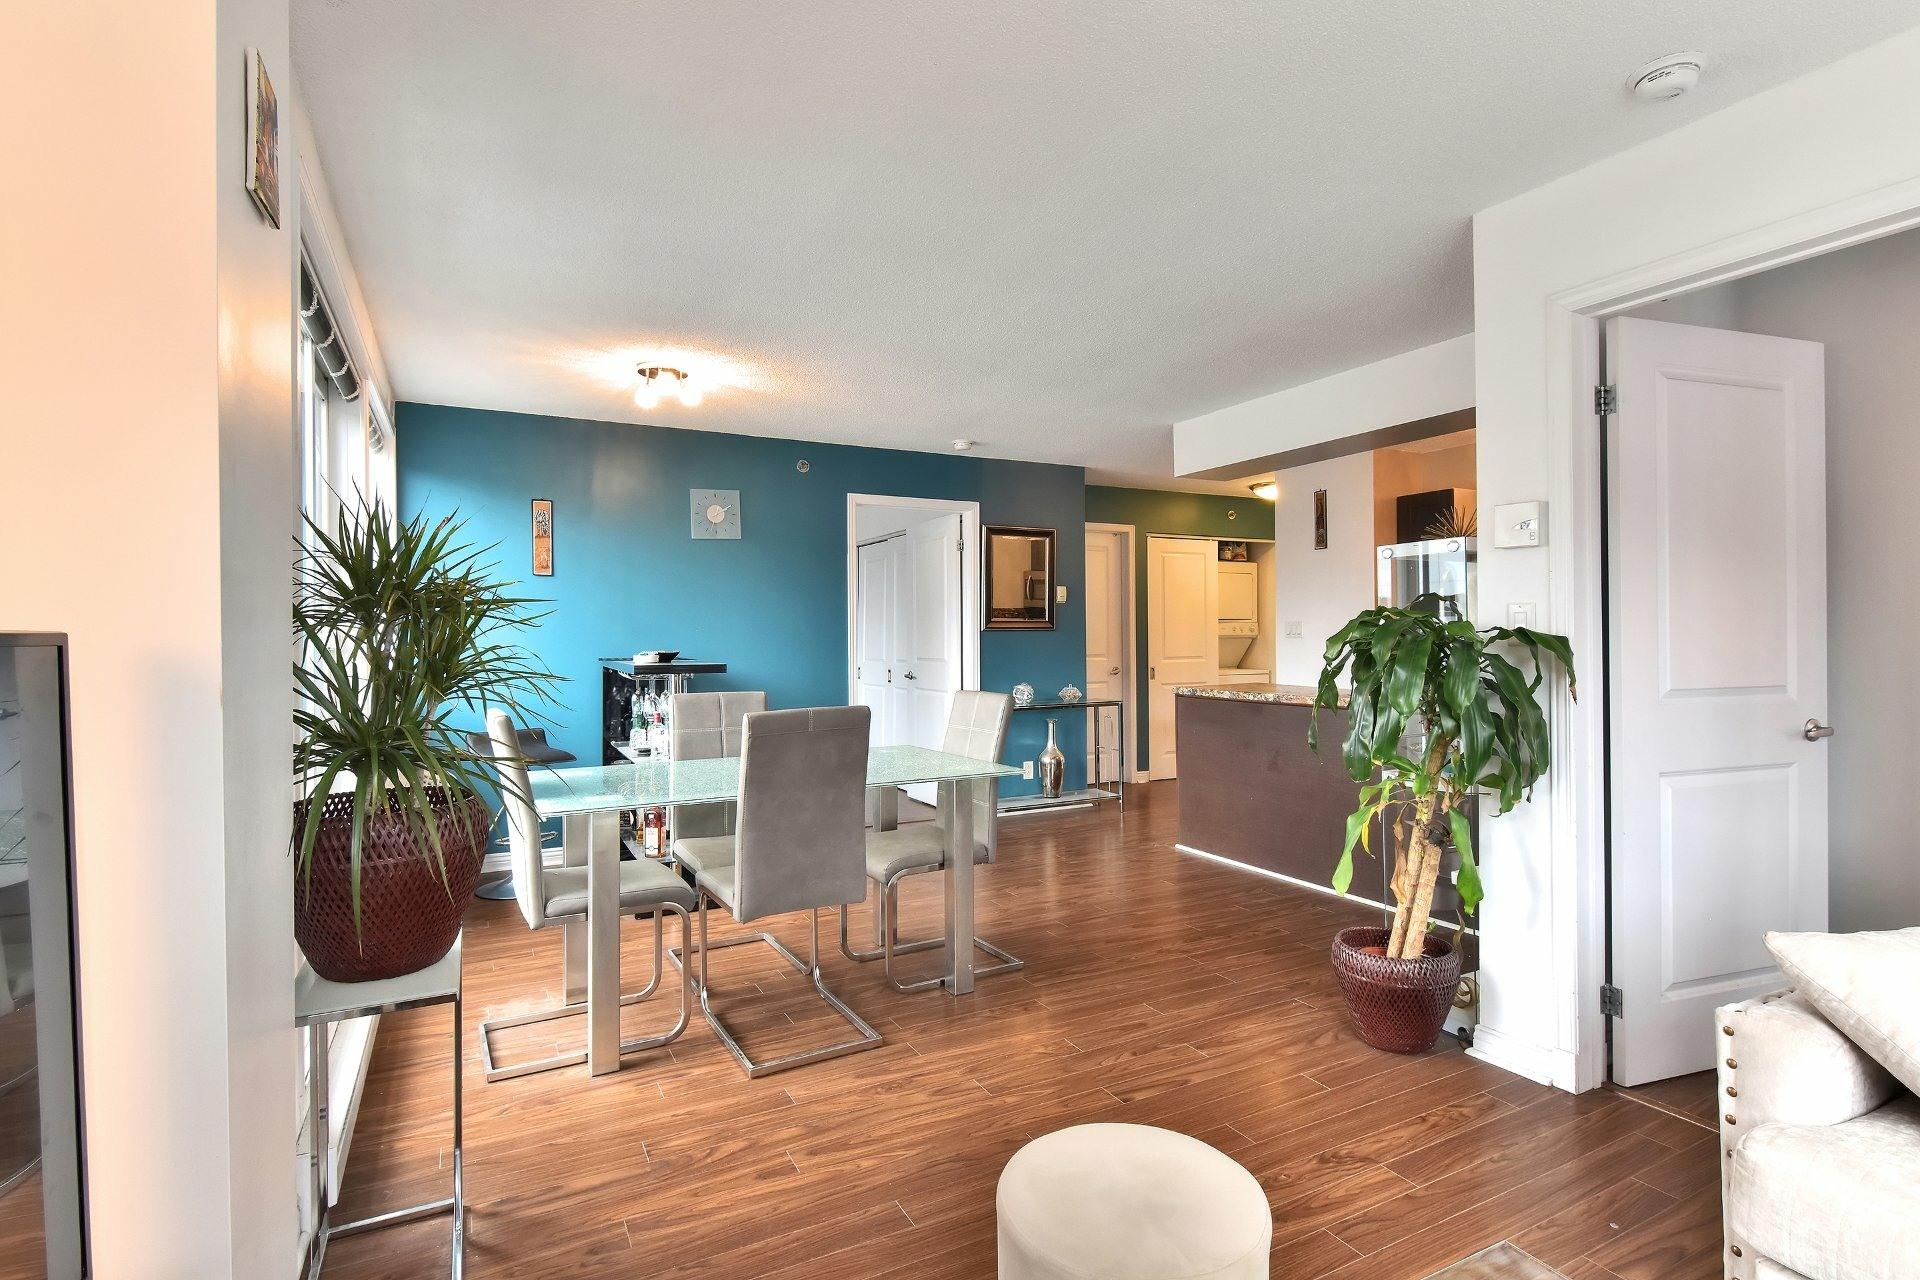 image 4 - Appartement À louer Montréal Ville-Marie  - 6 pièces